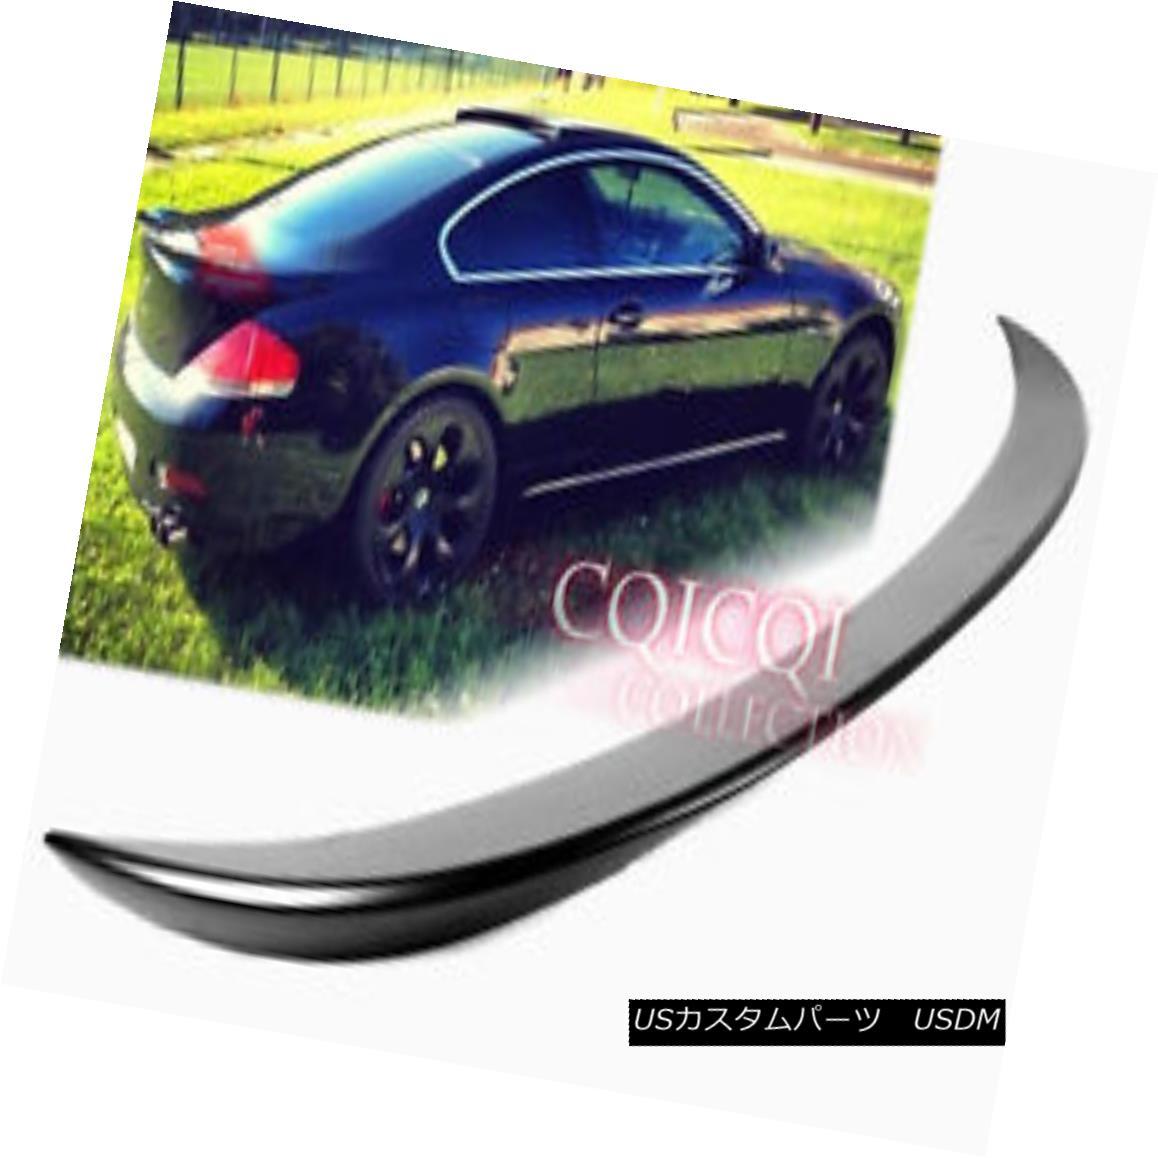 エアロパーツ Unpainted BMW 04~08 E63 6-series coupe V type trunk spoiler◎ 未塗装のBMW 04?08 E63 6シリーズクーペV型トランク・スポイラー?